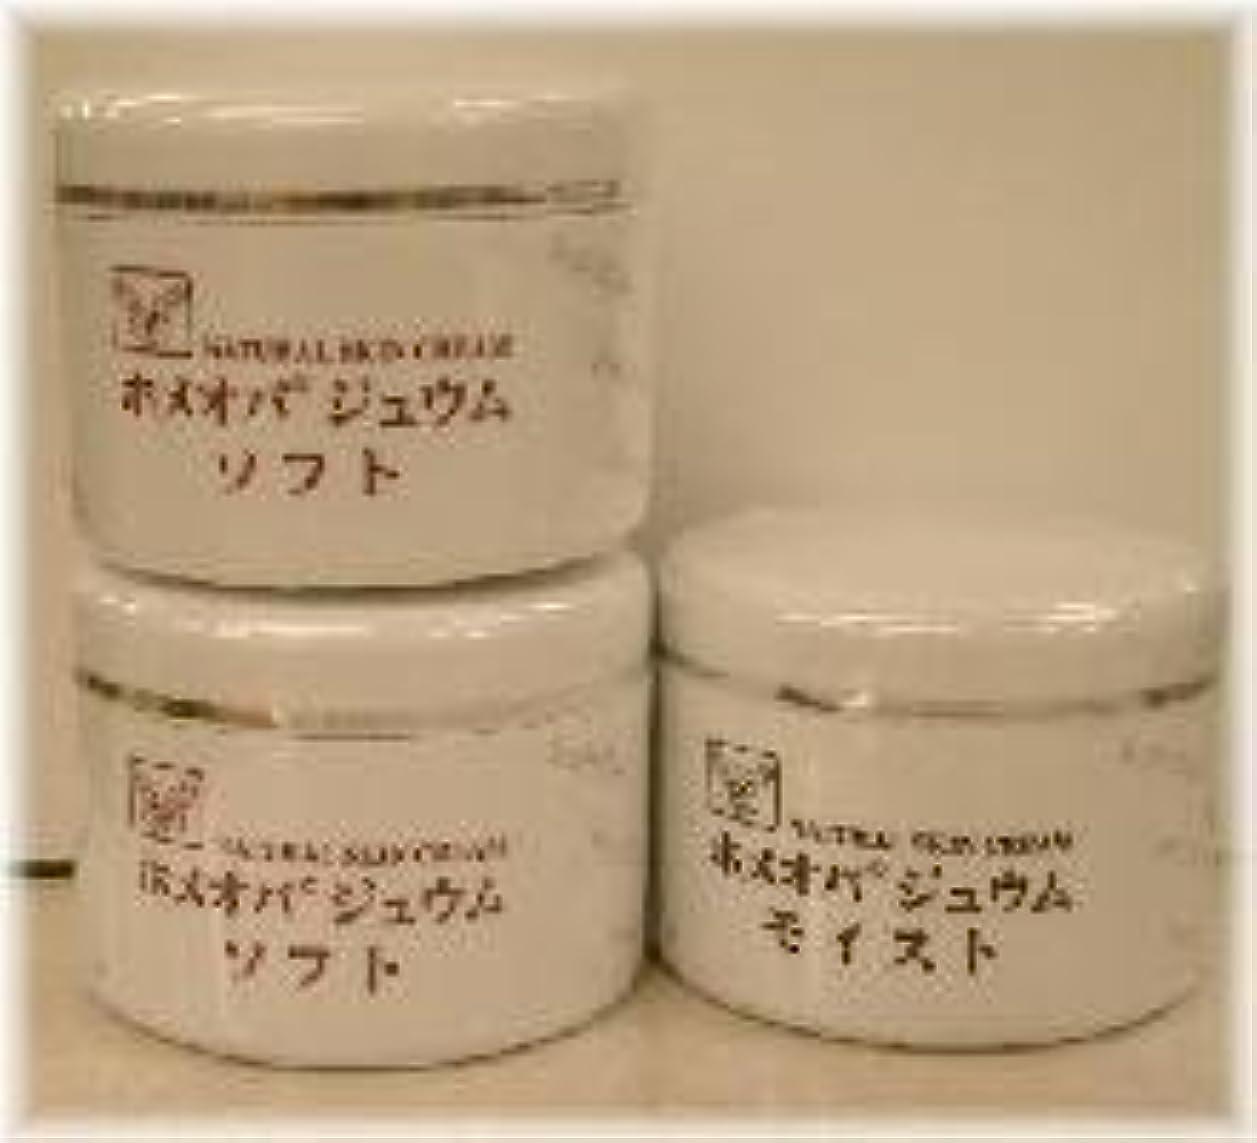 テニスタバコ却下するホメオパジュウム スキンケア商品3点 ¥10500クリームソフト2個+クリームモイスト